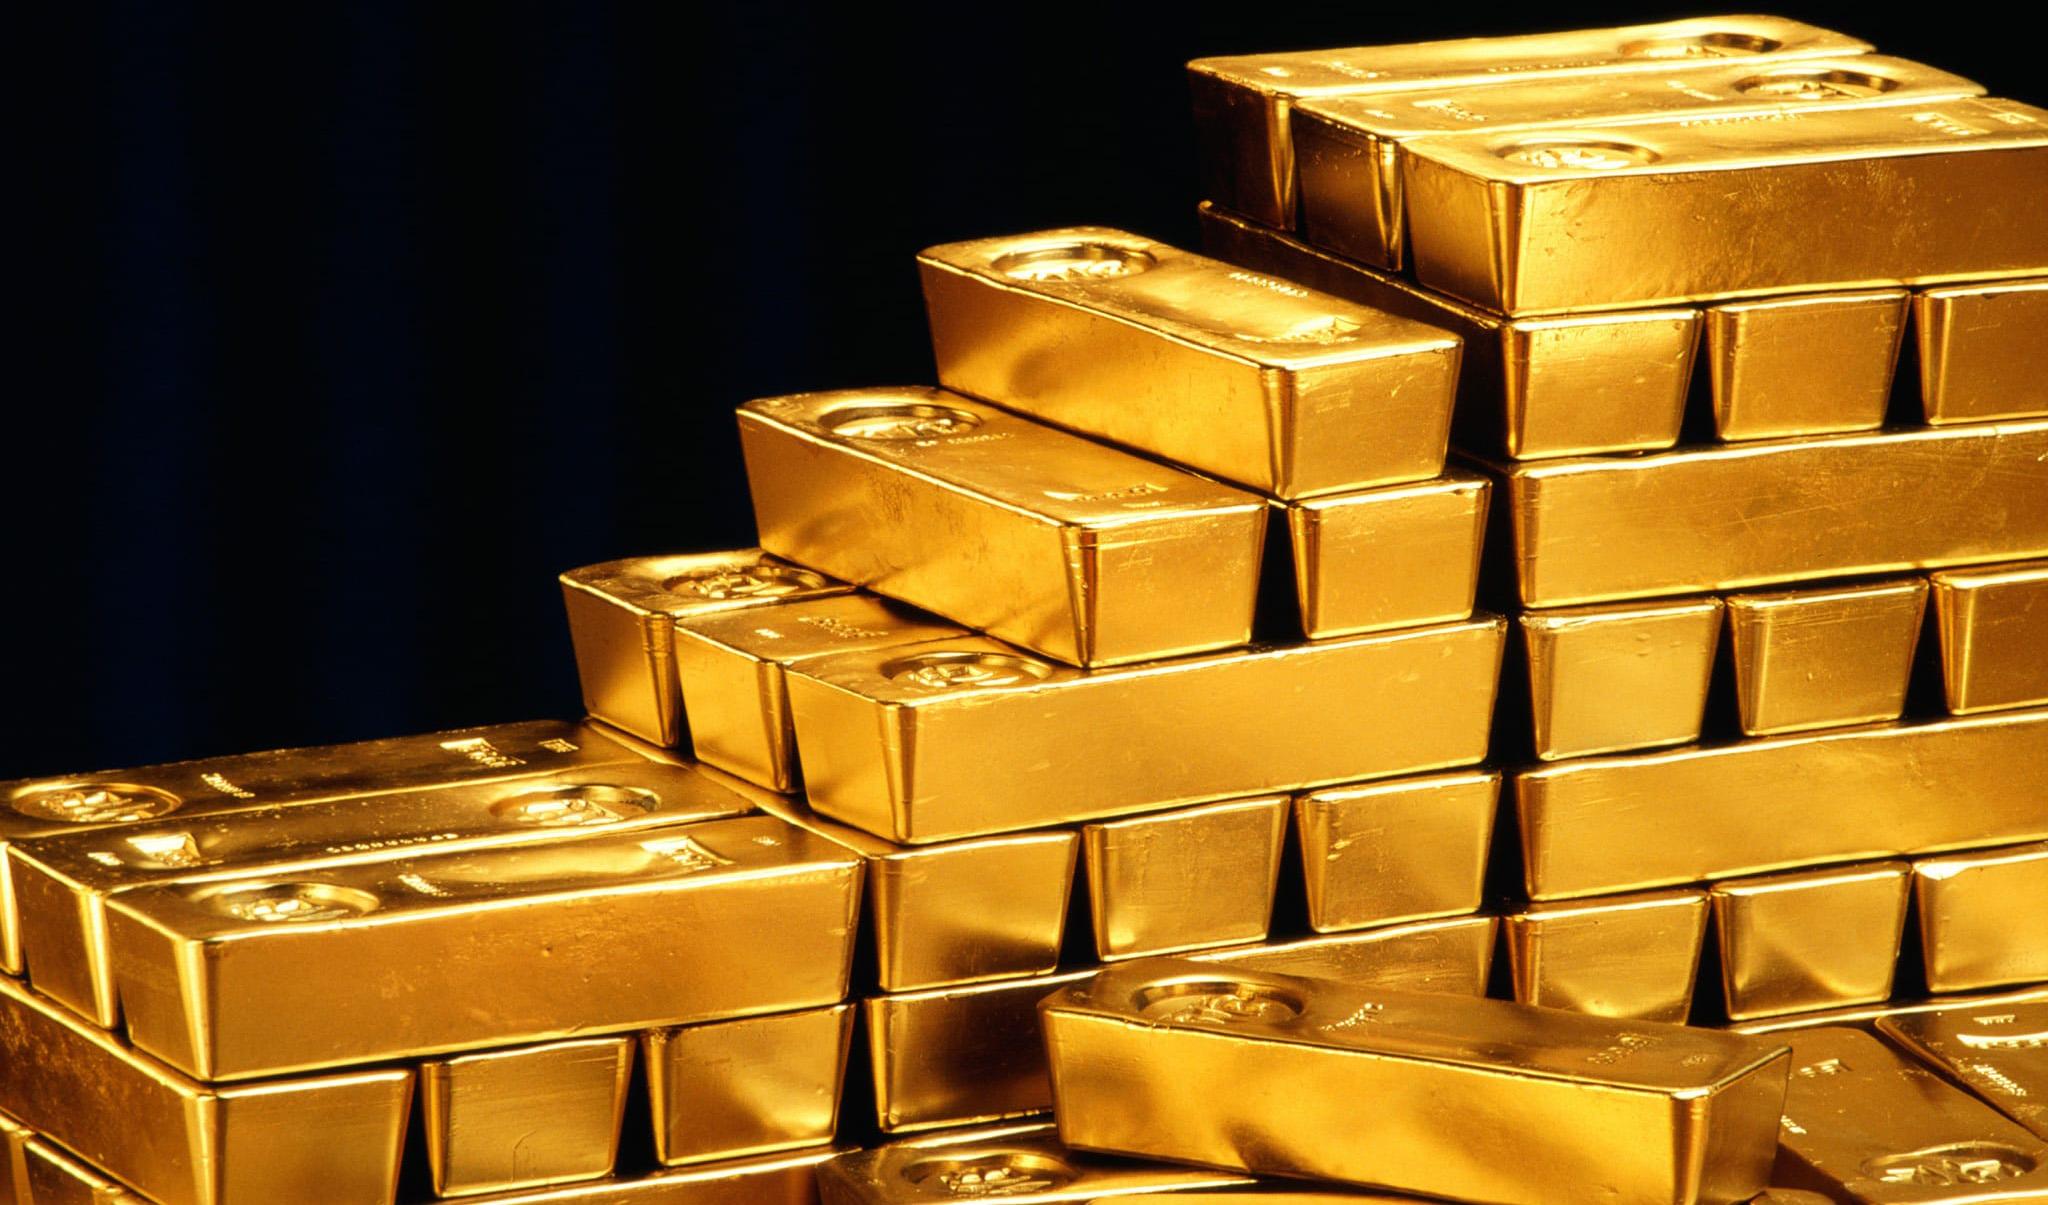 افزایش دوباره قیمت طلا در بازارهای جهانی